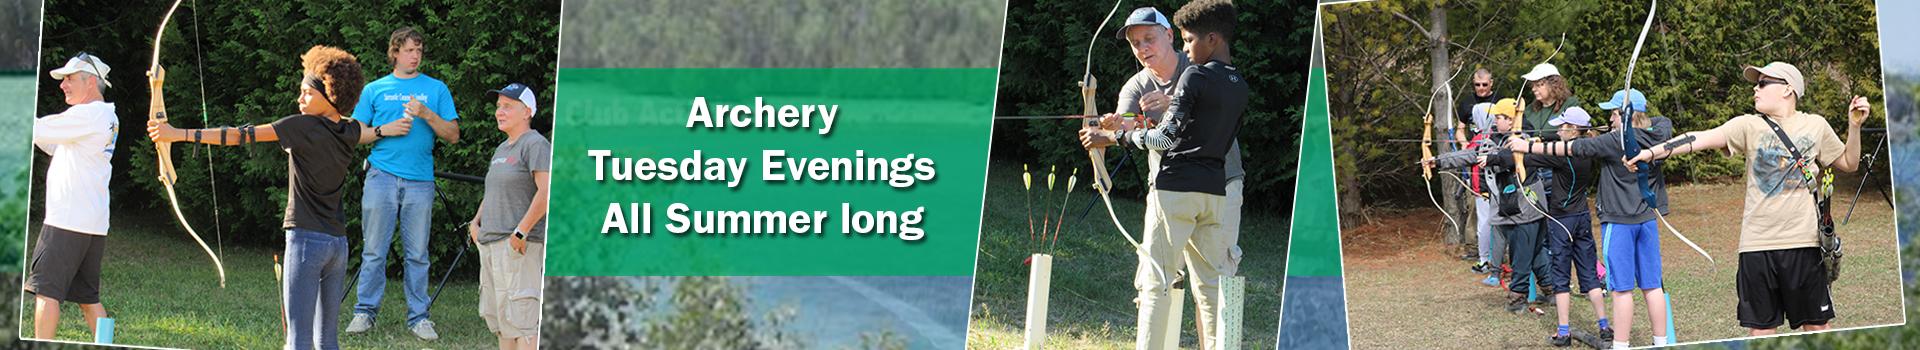 archery-bar